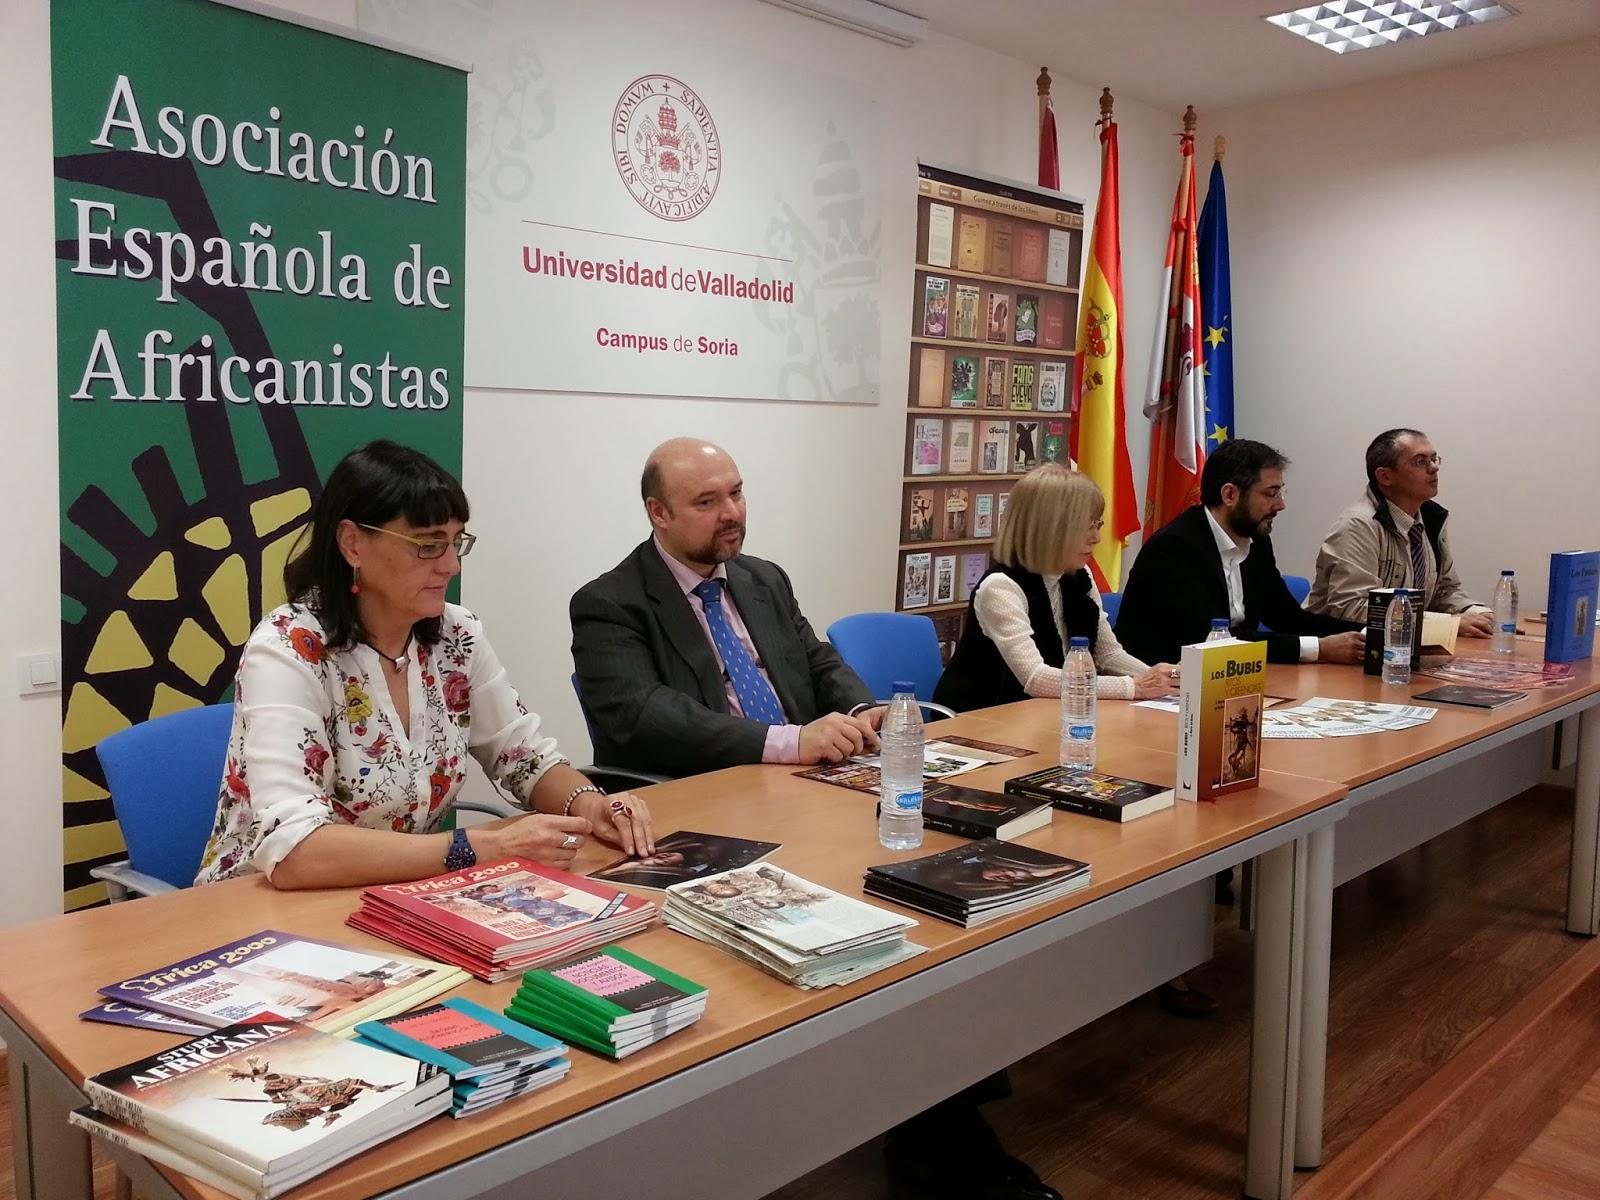 Literatura de Guinea Ecuatorial, Asociación Española de Africanistas